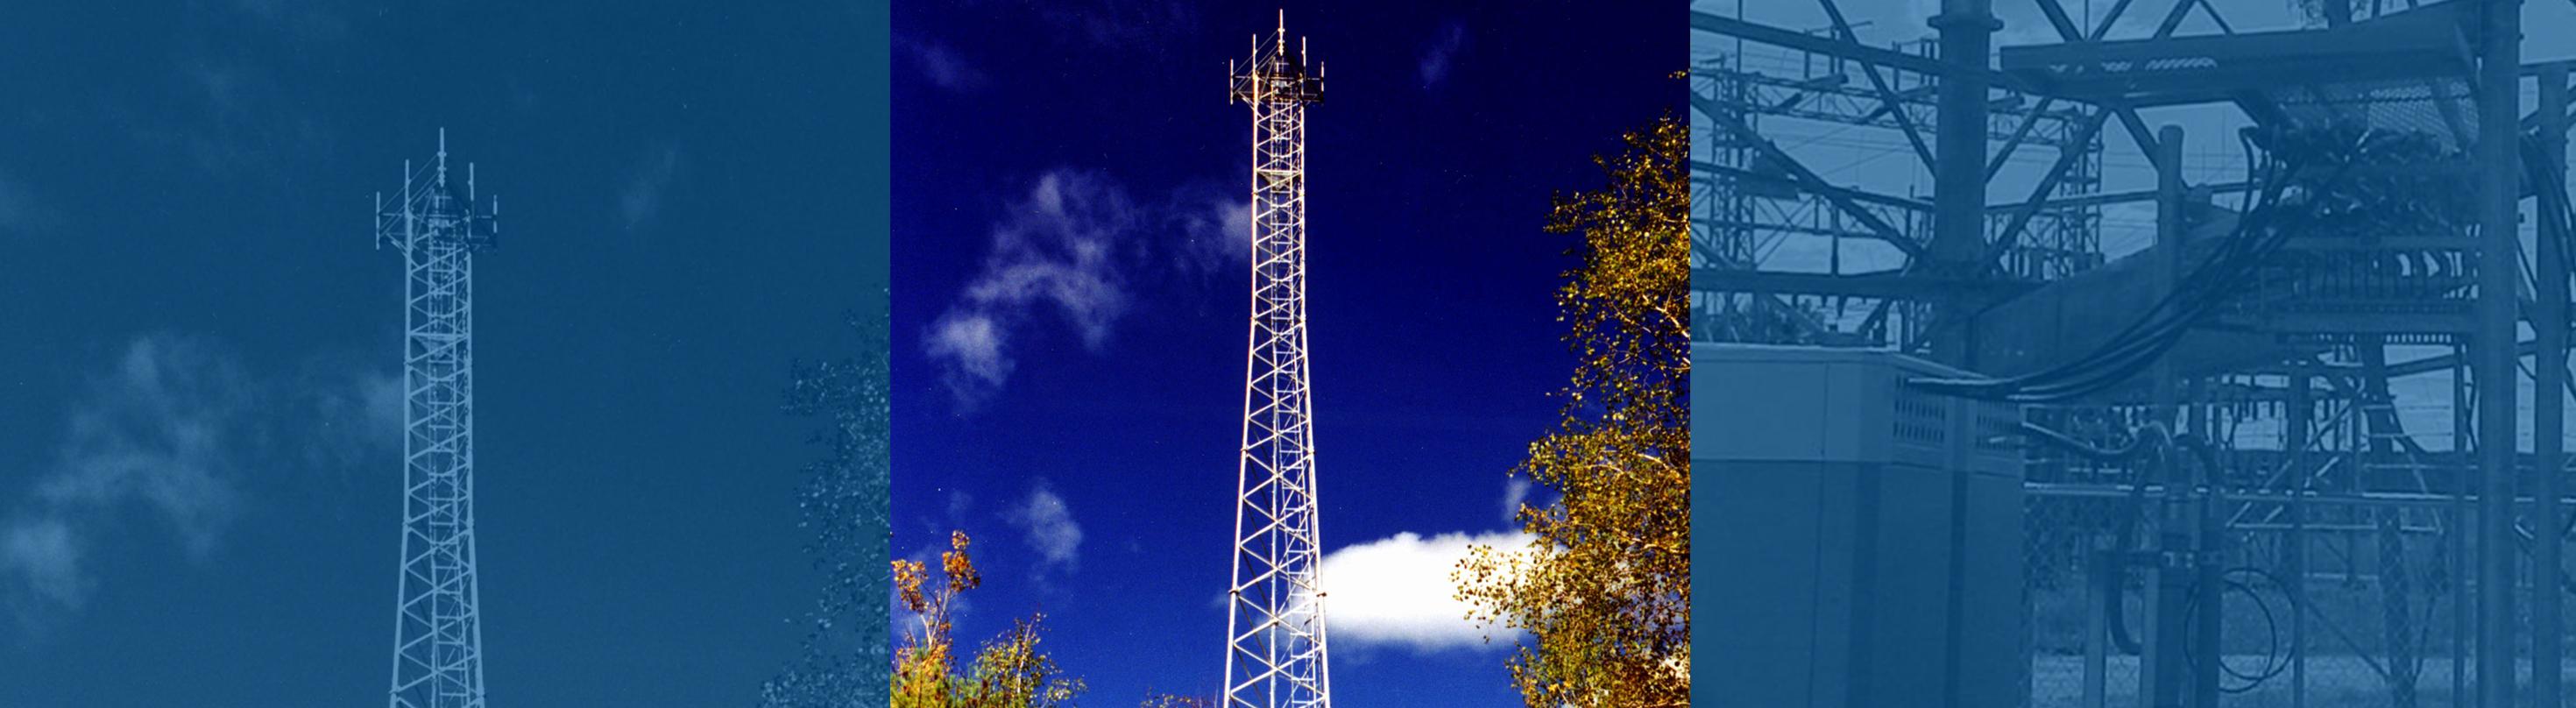 Bechtel Telecommunication - AWS 3G Project